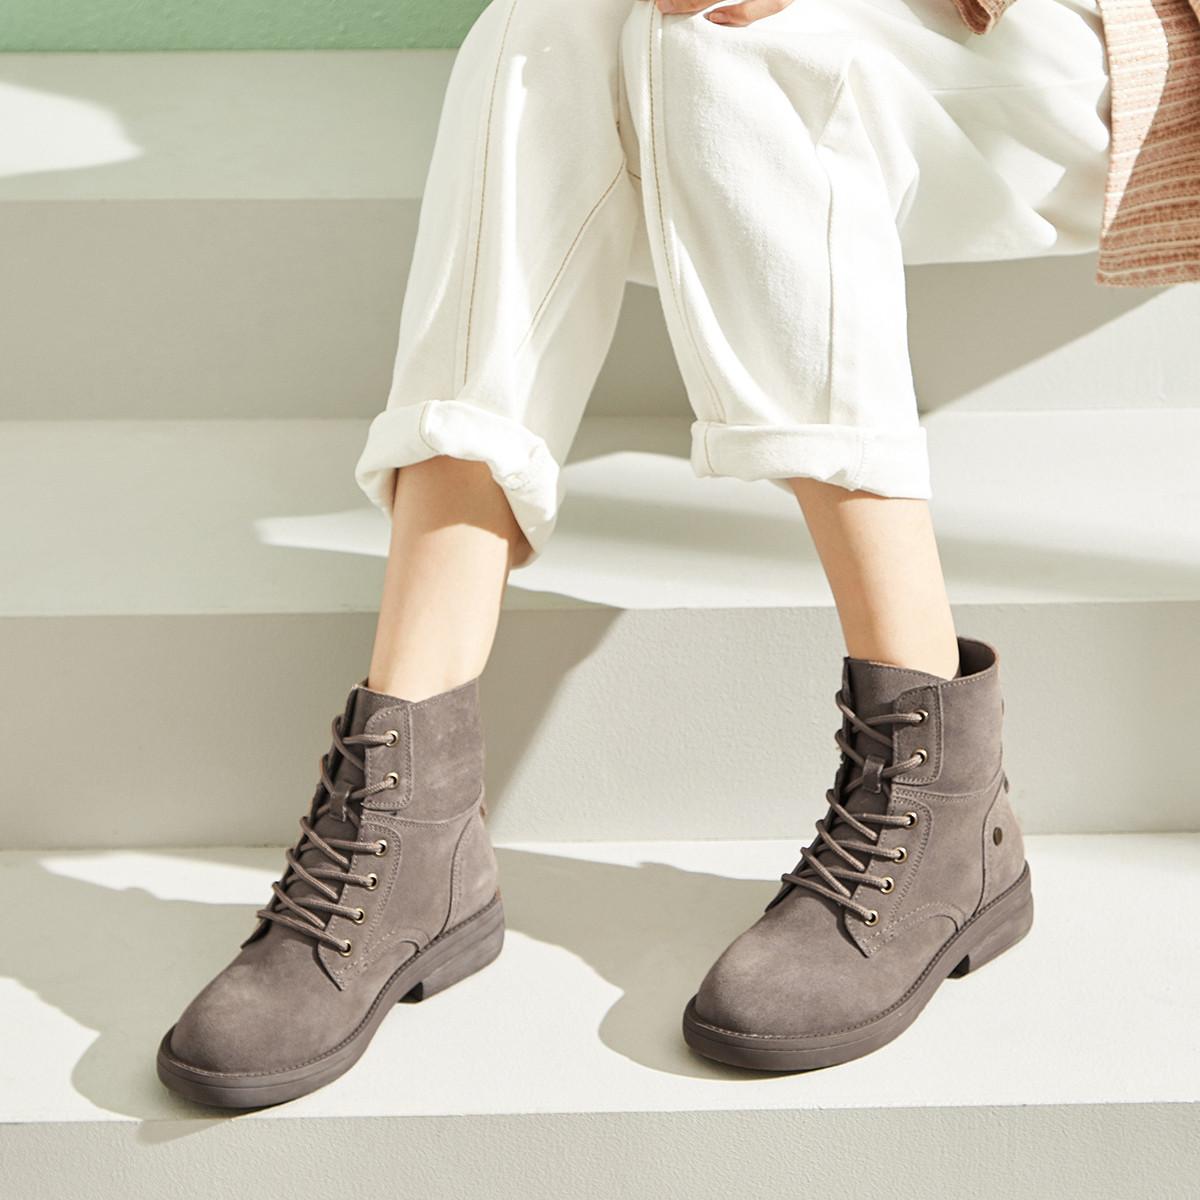 依思Q2019冬季新款真皮牛反绒骑士靴女士系带粗跟绒里短靴子8918001091